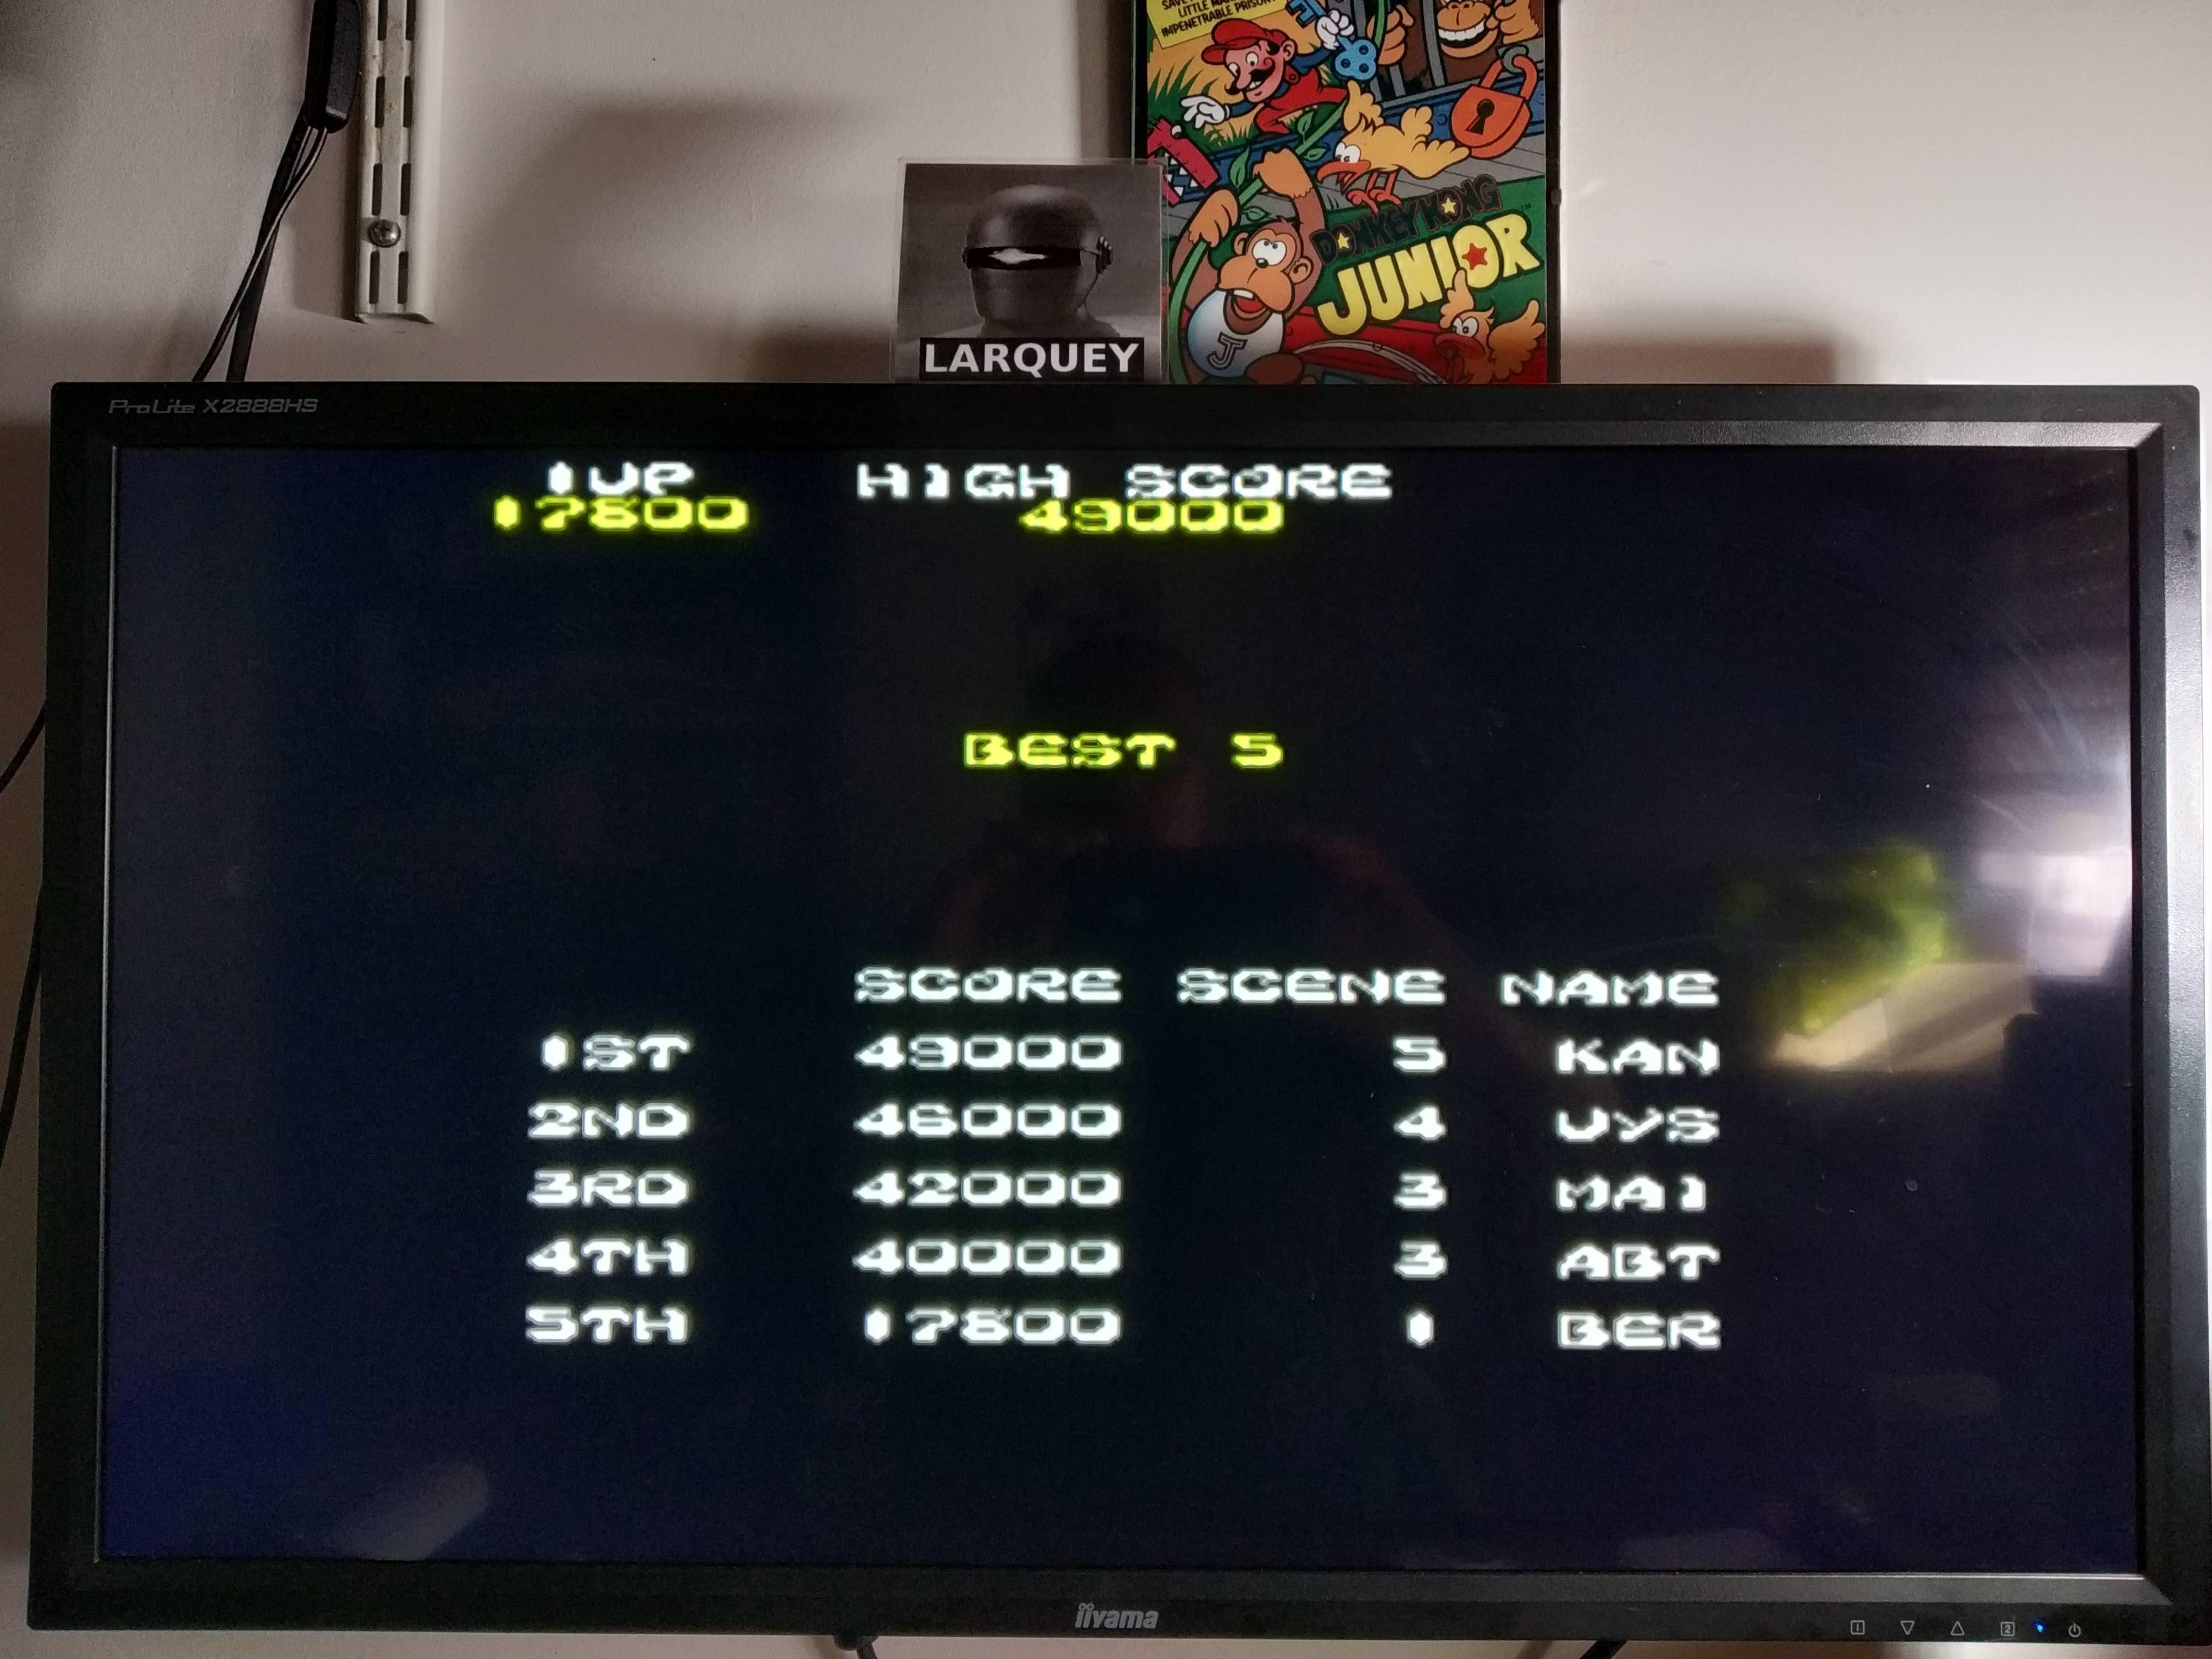 Larquey: Taito Legends 2: Ki Ki Kai Kai [Medium] (Playstation 2 Emulated) 17,800 points on 2020-08-04 16:15:53